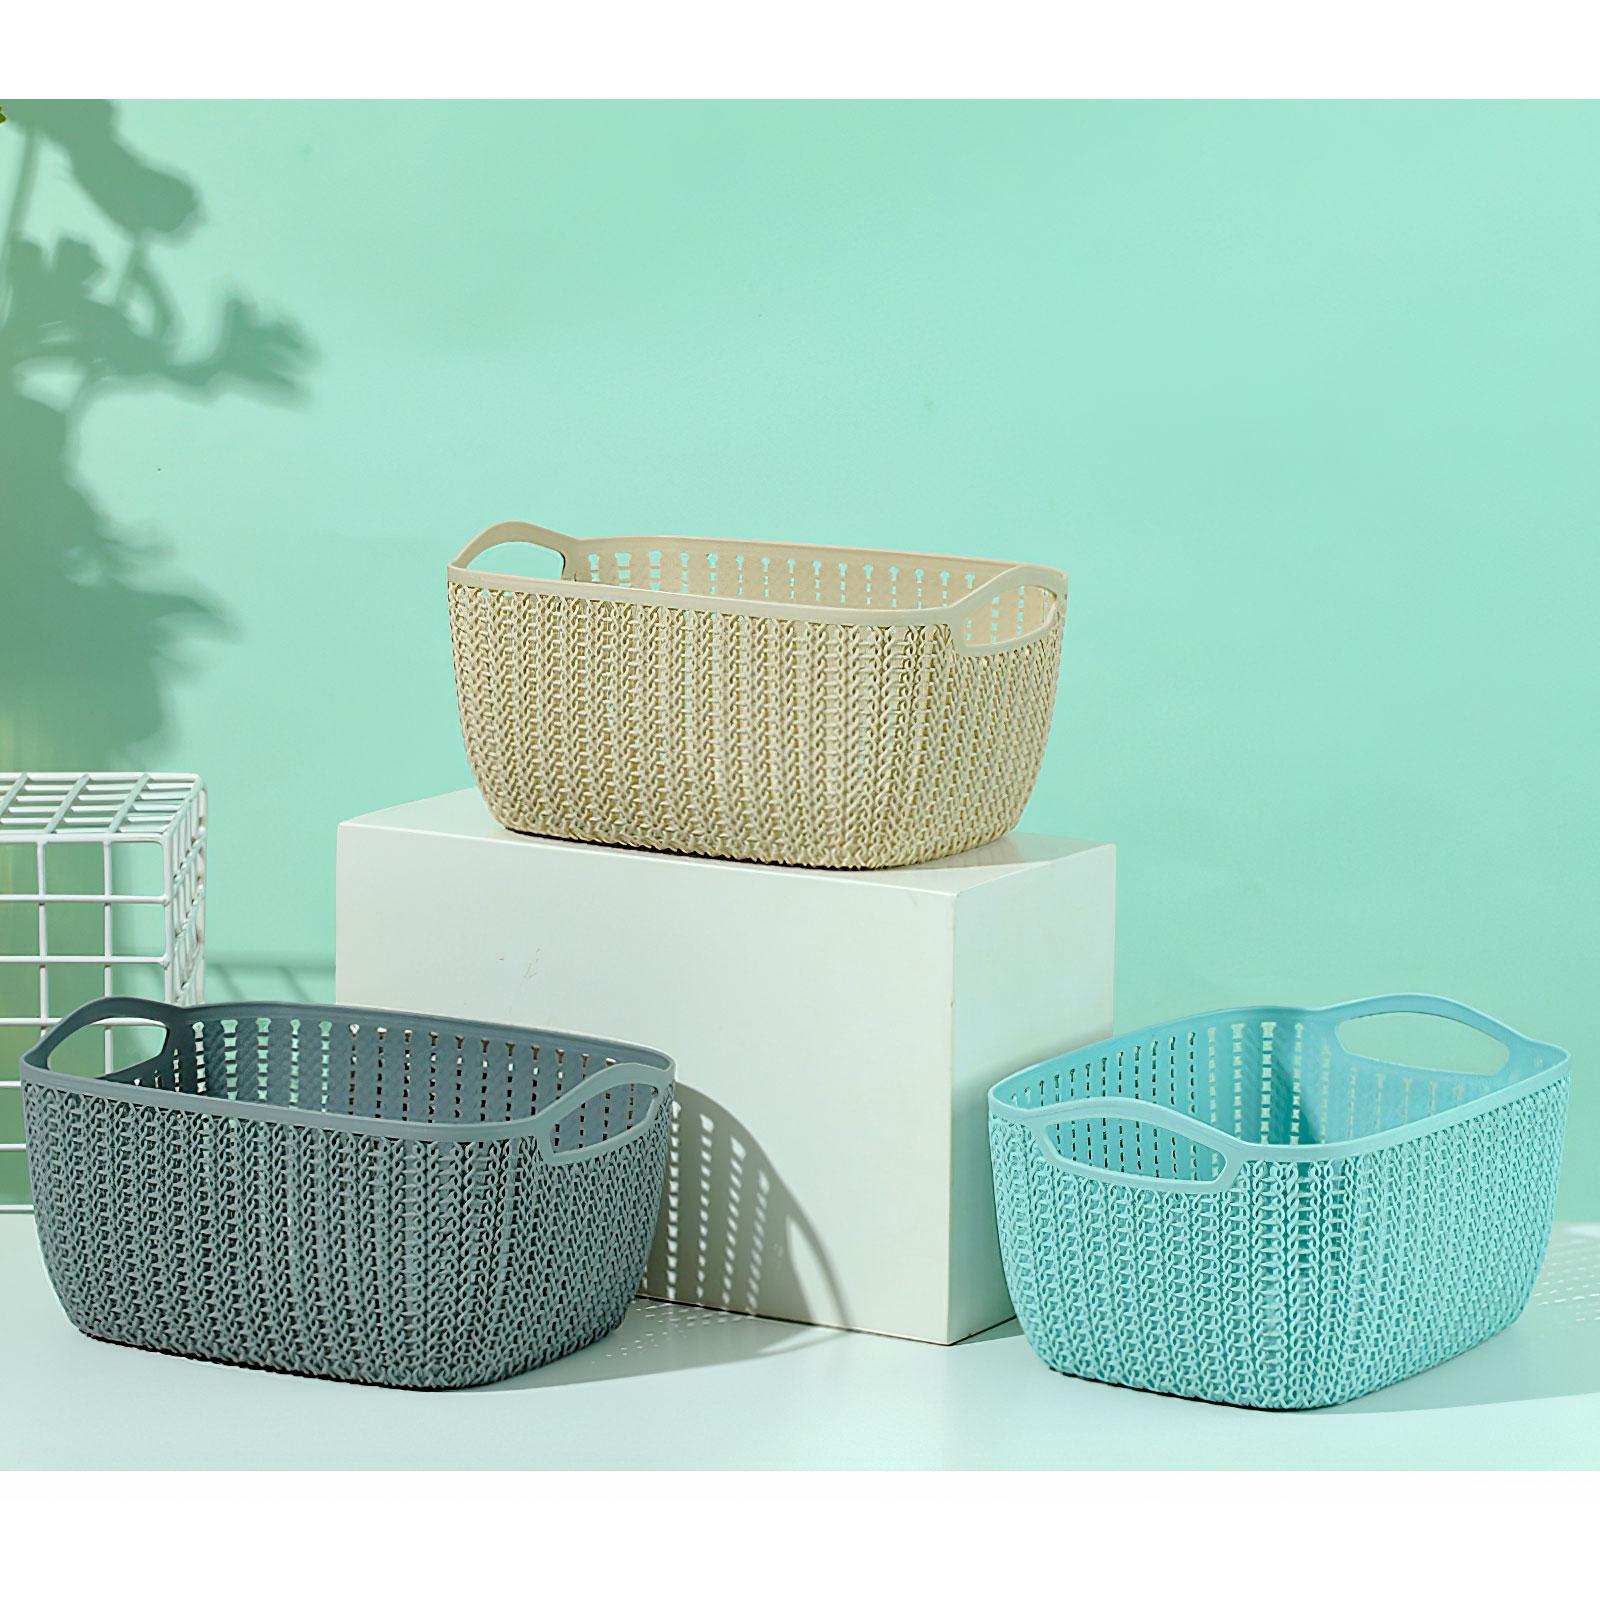 Giỏ đựng đồ Giỏ nhựa đựng đồ Thùng đan đựng đồ tròn loại trung Miniso Giỏ đựng mỹ phẩm Storage...